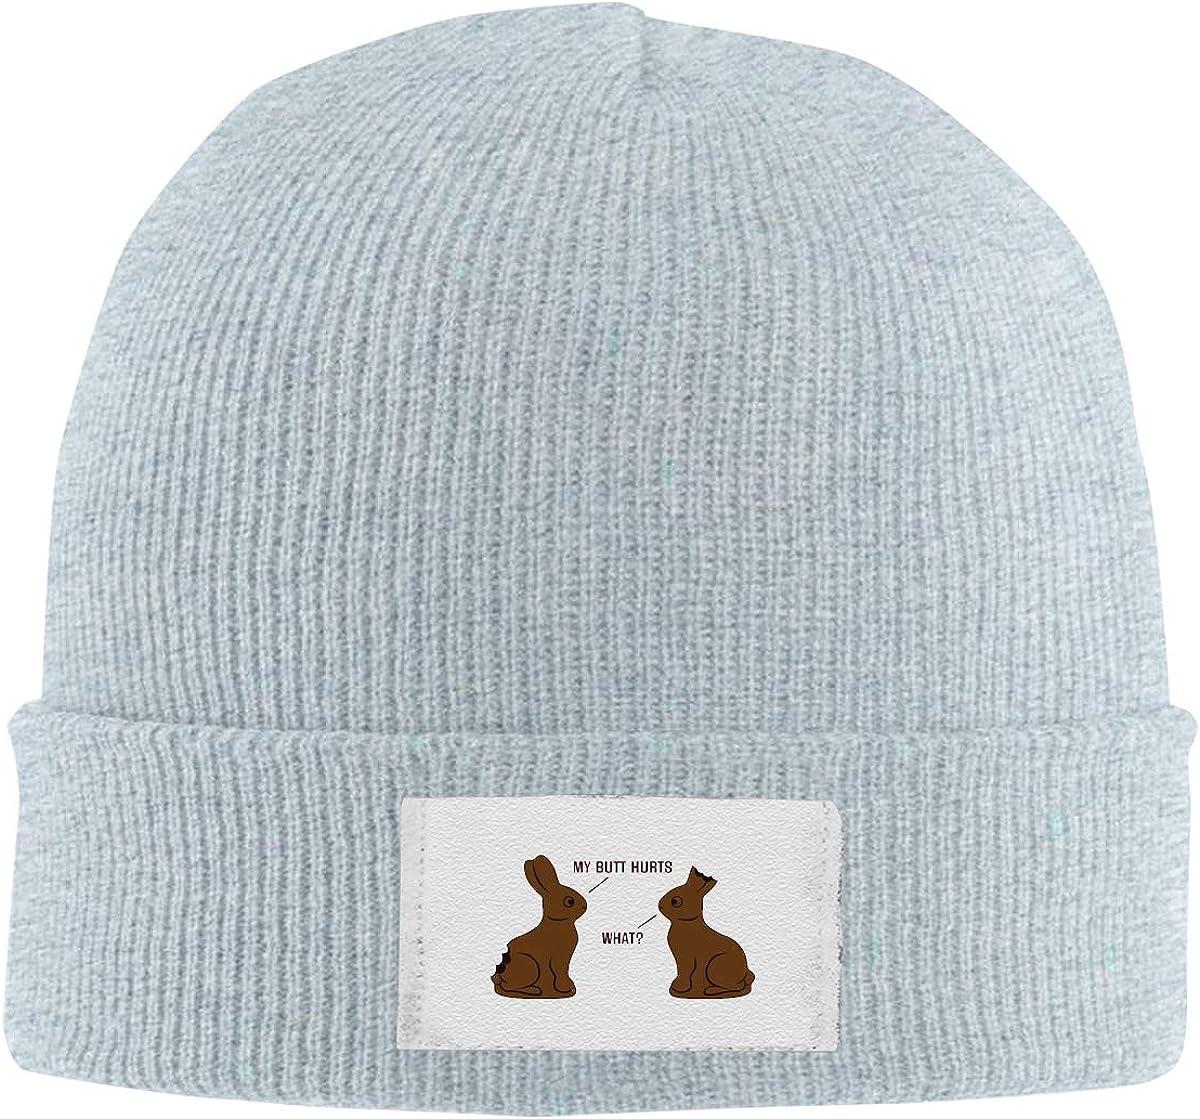 Dunpaiaa Skull Caps My Butt Hurts Winter Warm Knit Hats Stretchy Cuff Beanie Hat Black